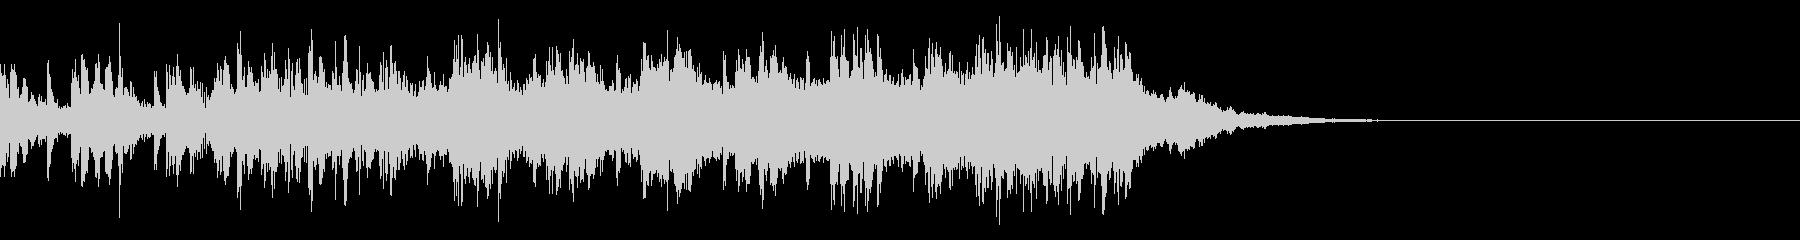 ジングル:優しいシンセストリングス15秒の未再生の波形